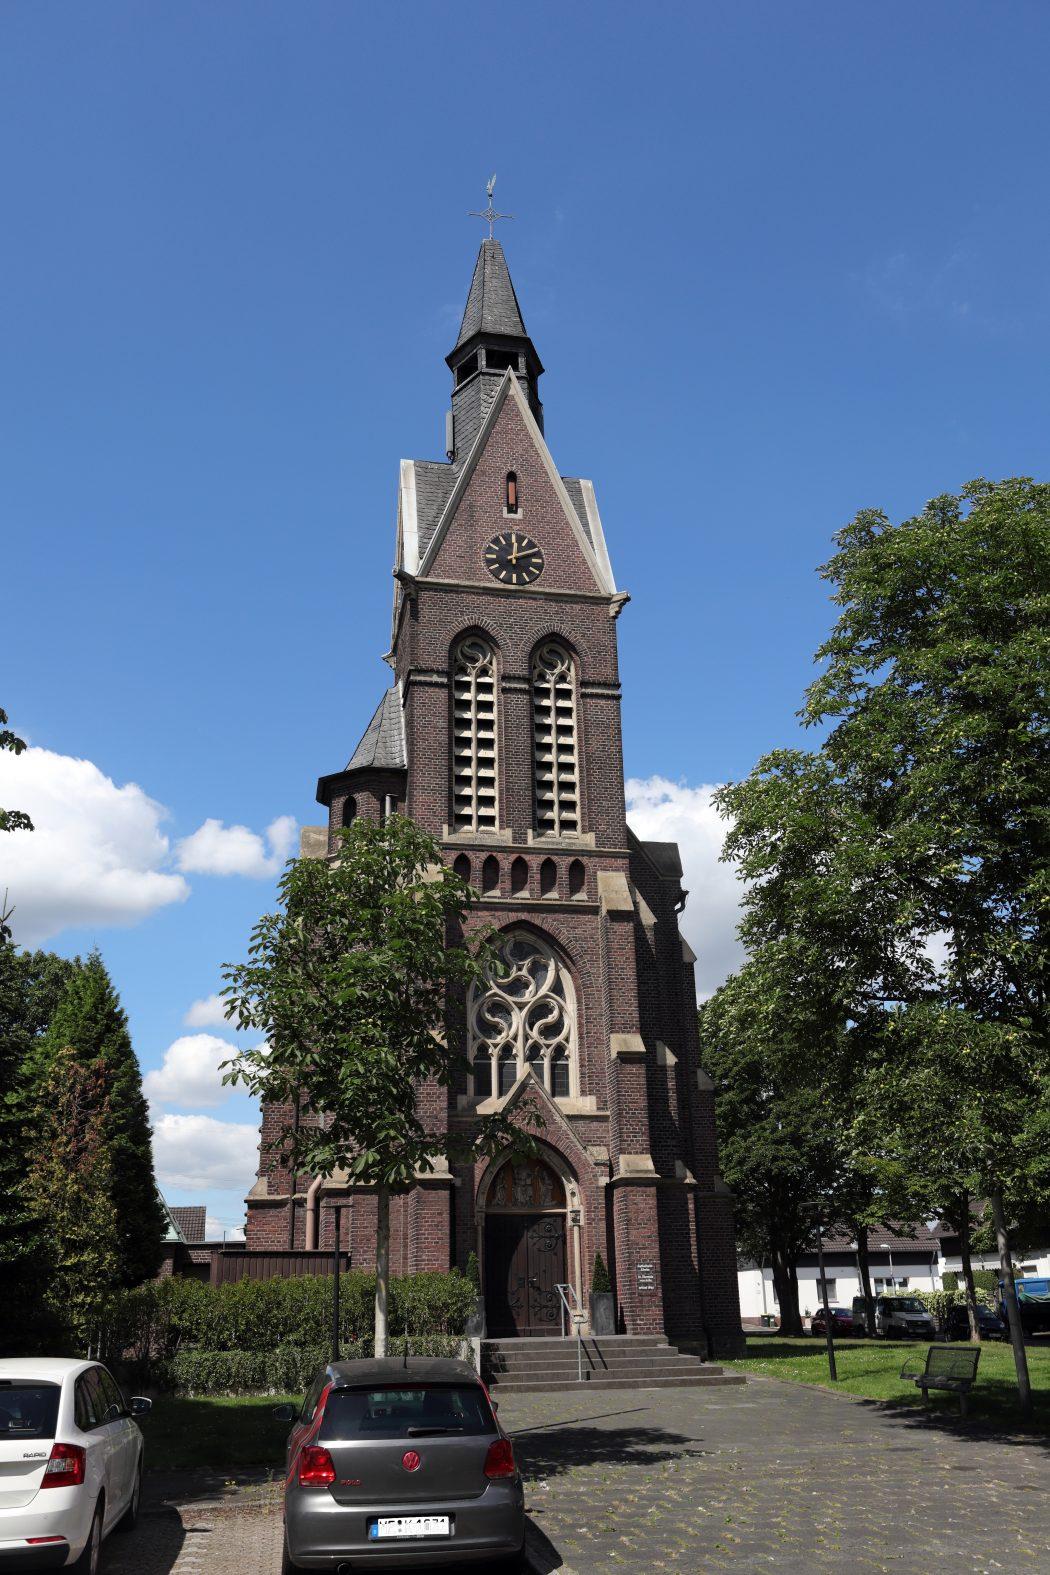 Das Foto zeigt eine Kirche in Mülheim-Selbeck